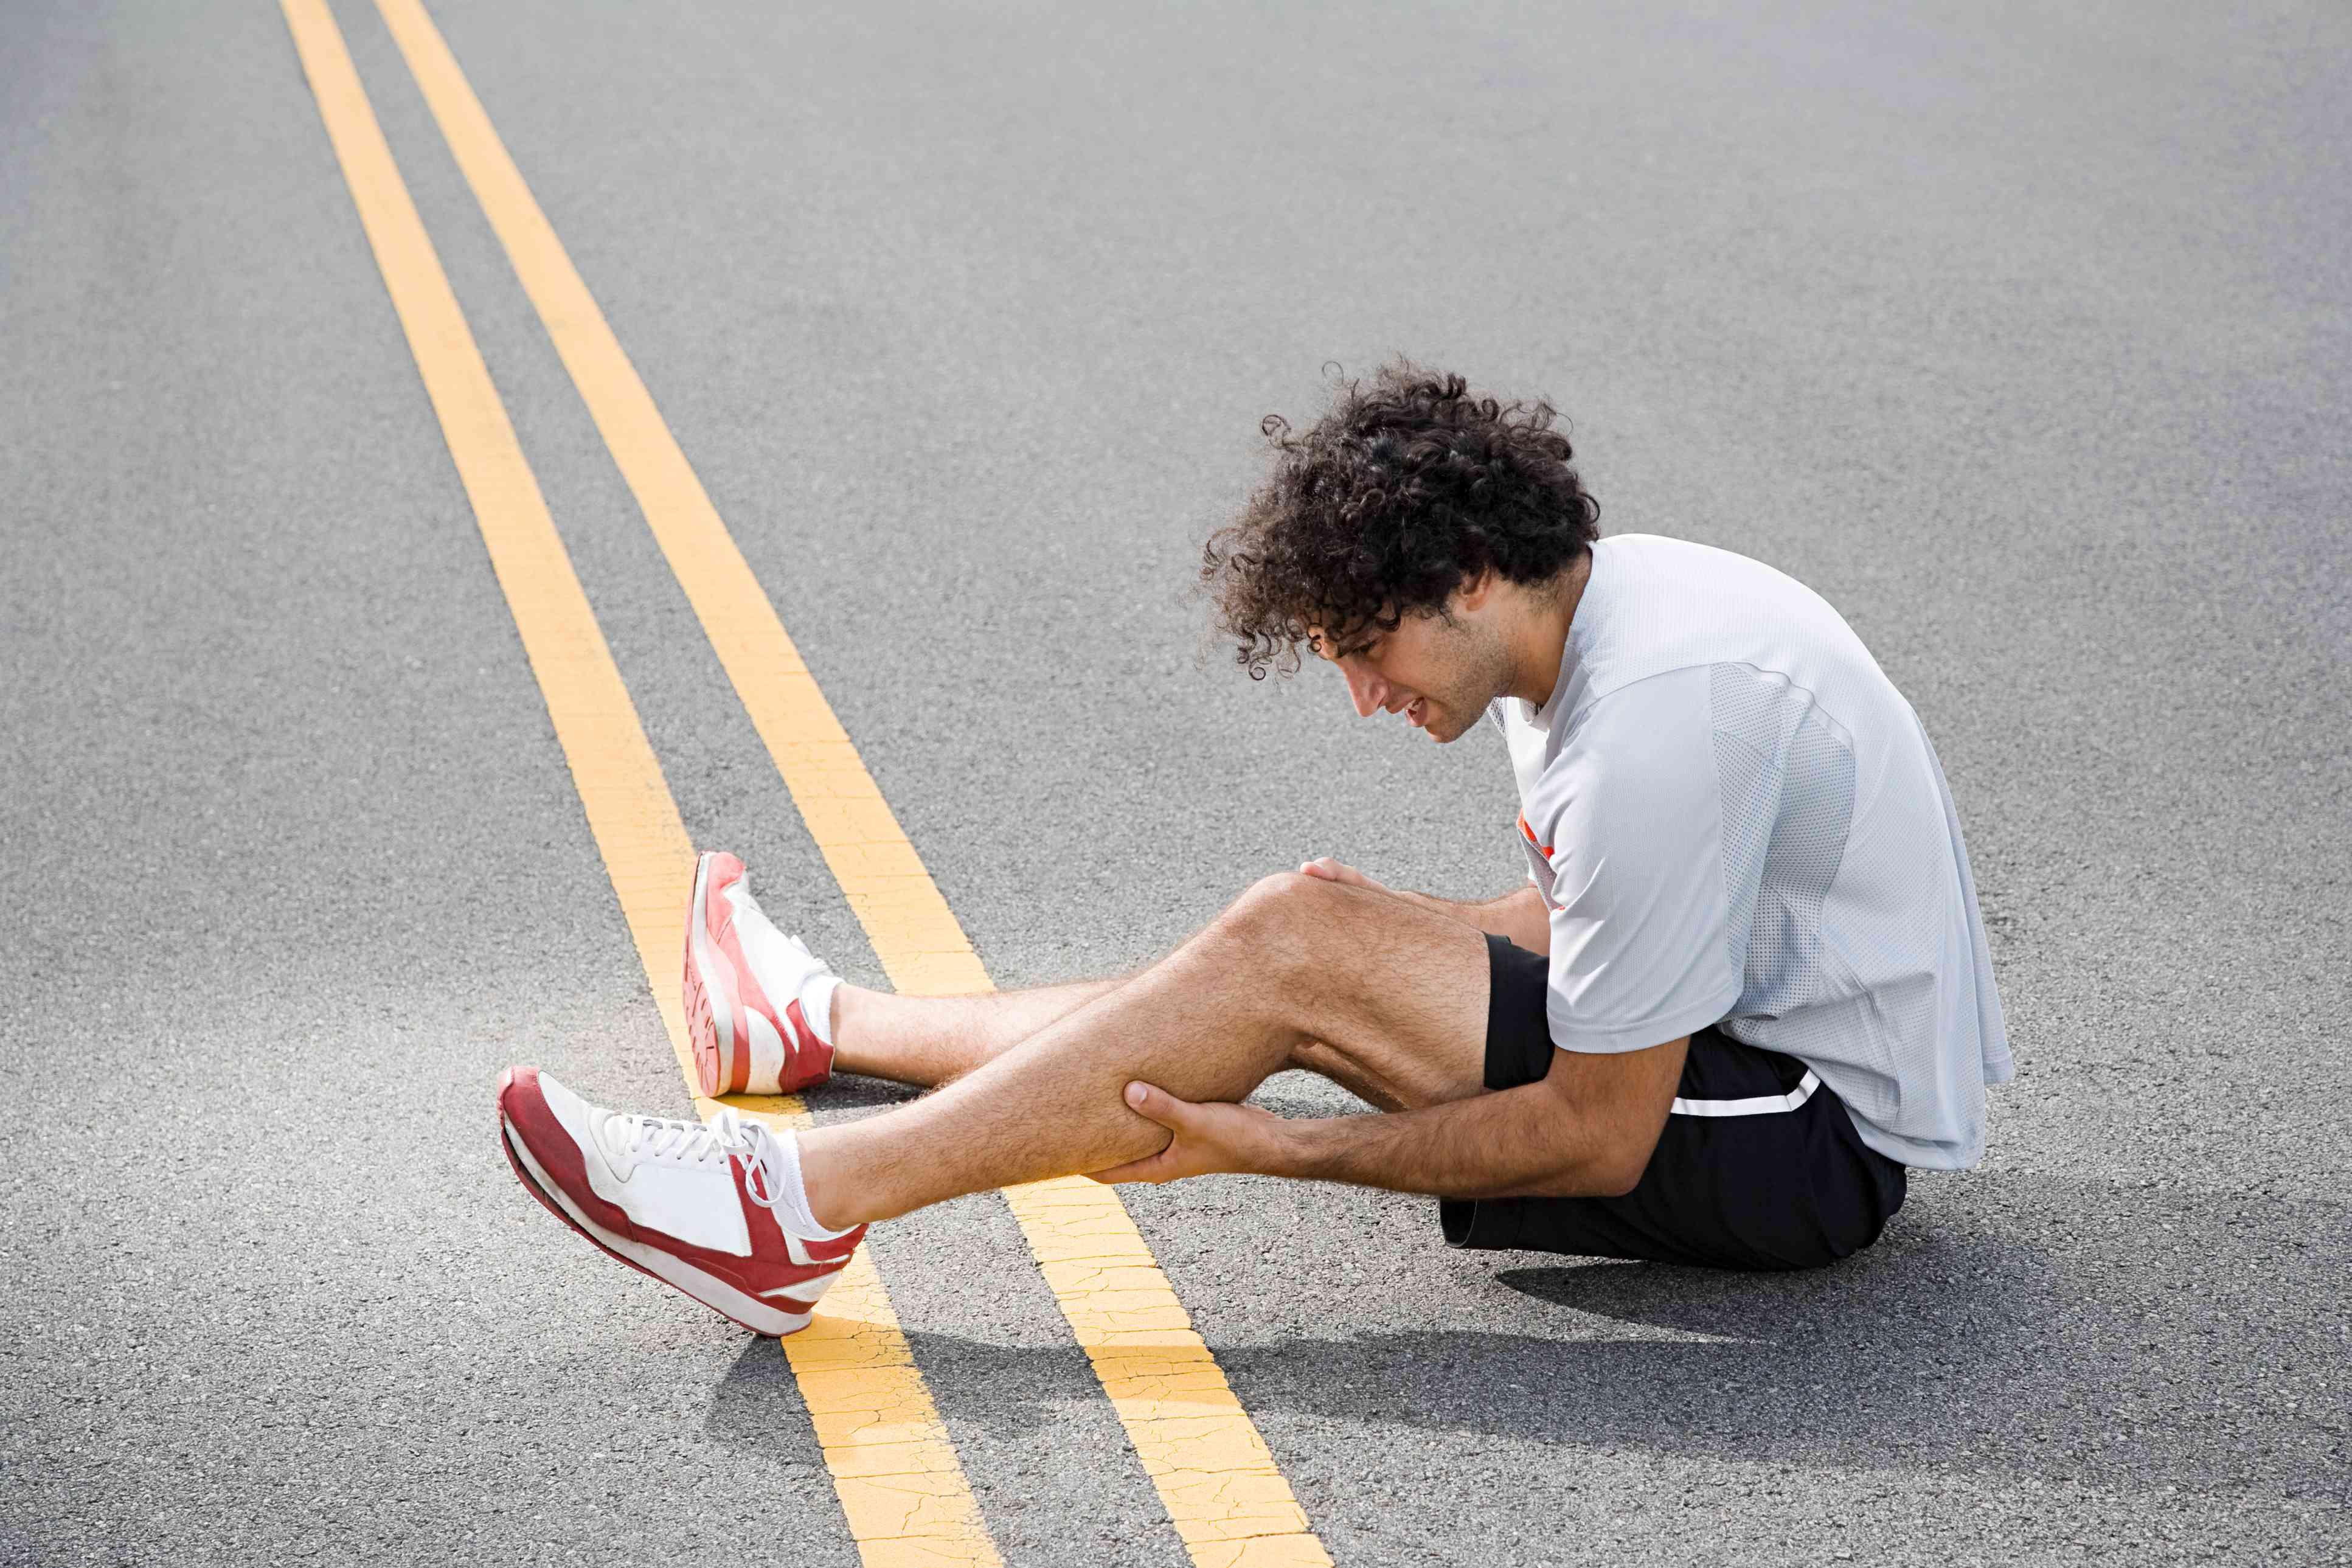 Runner with injured leg